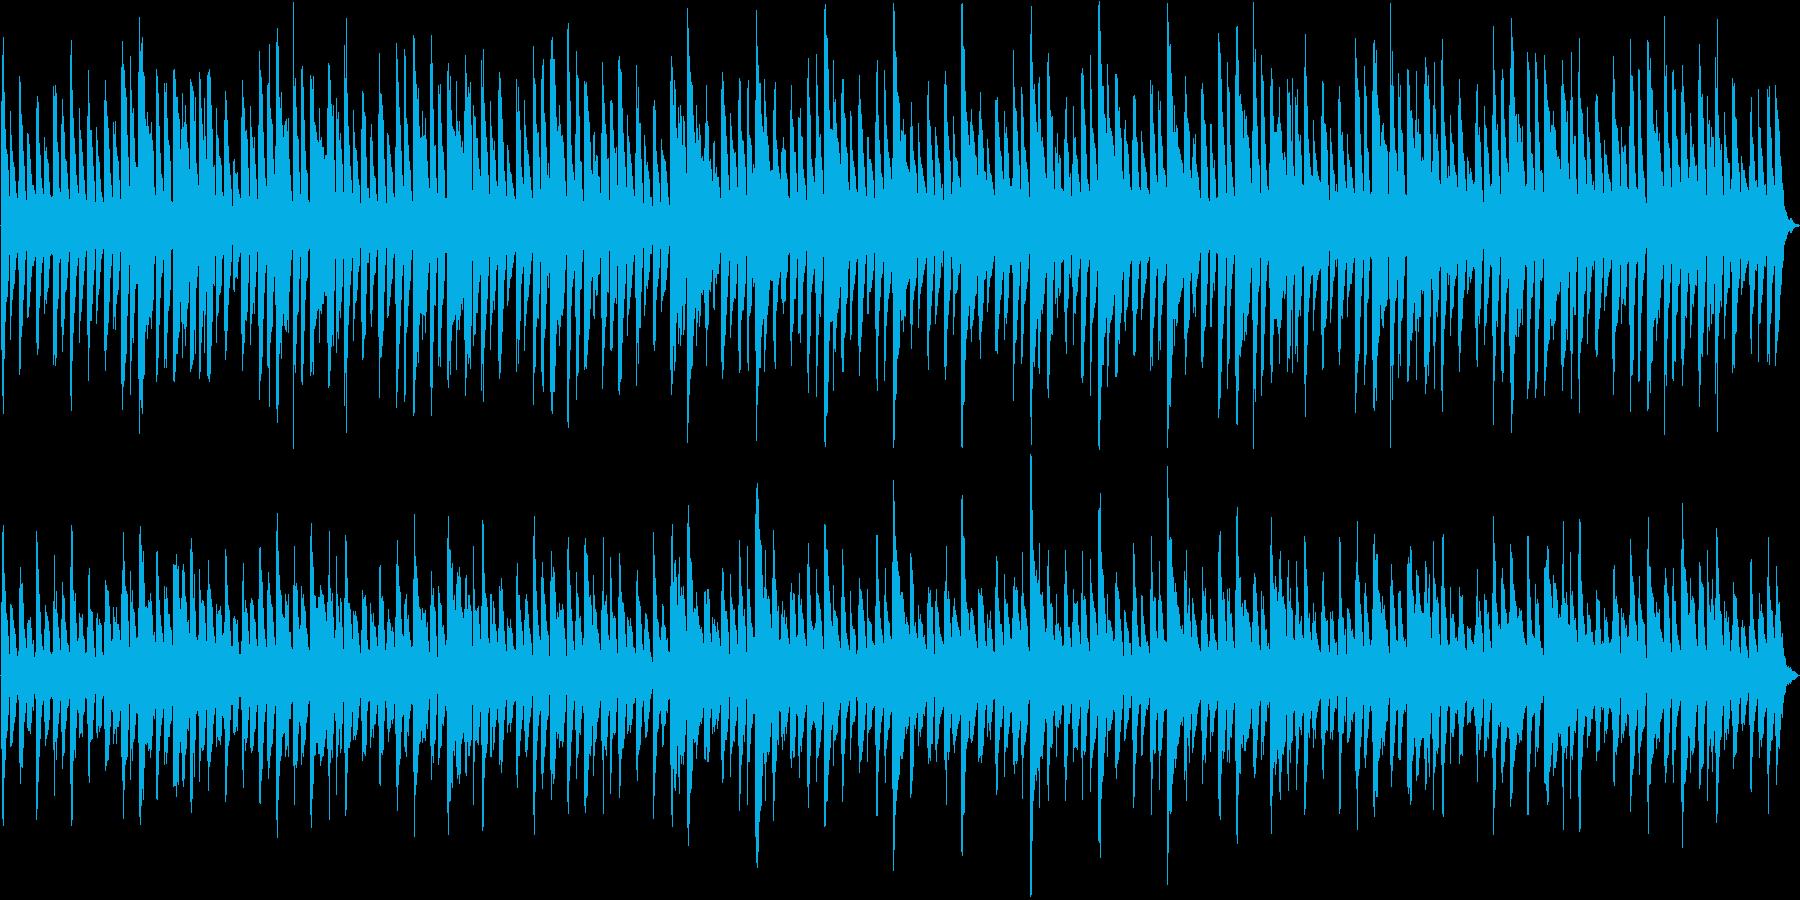 重厚なピアノを主体とした作戦会議BGMの再生済みの波形